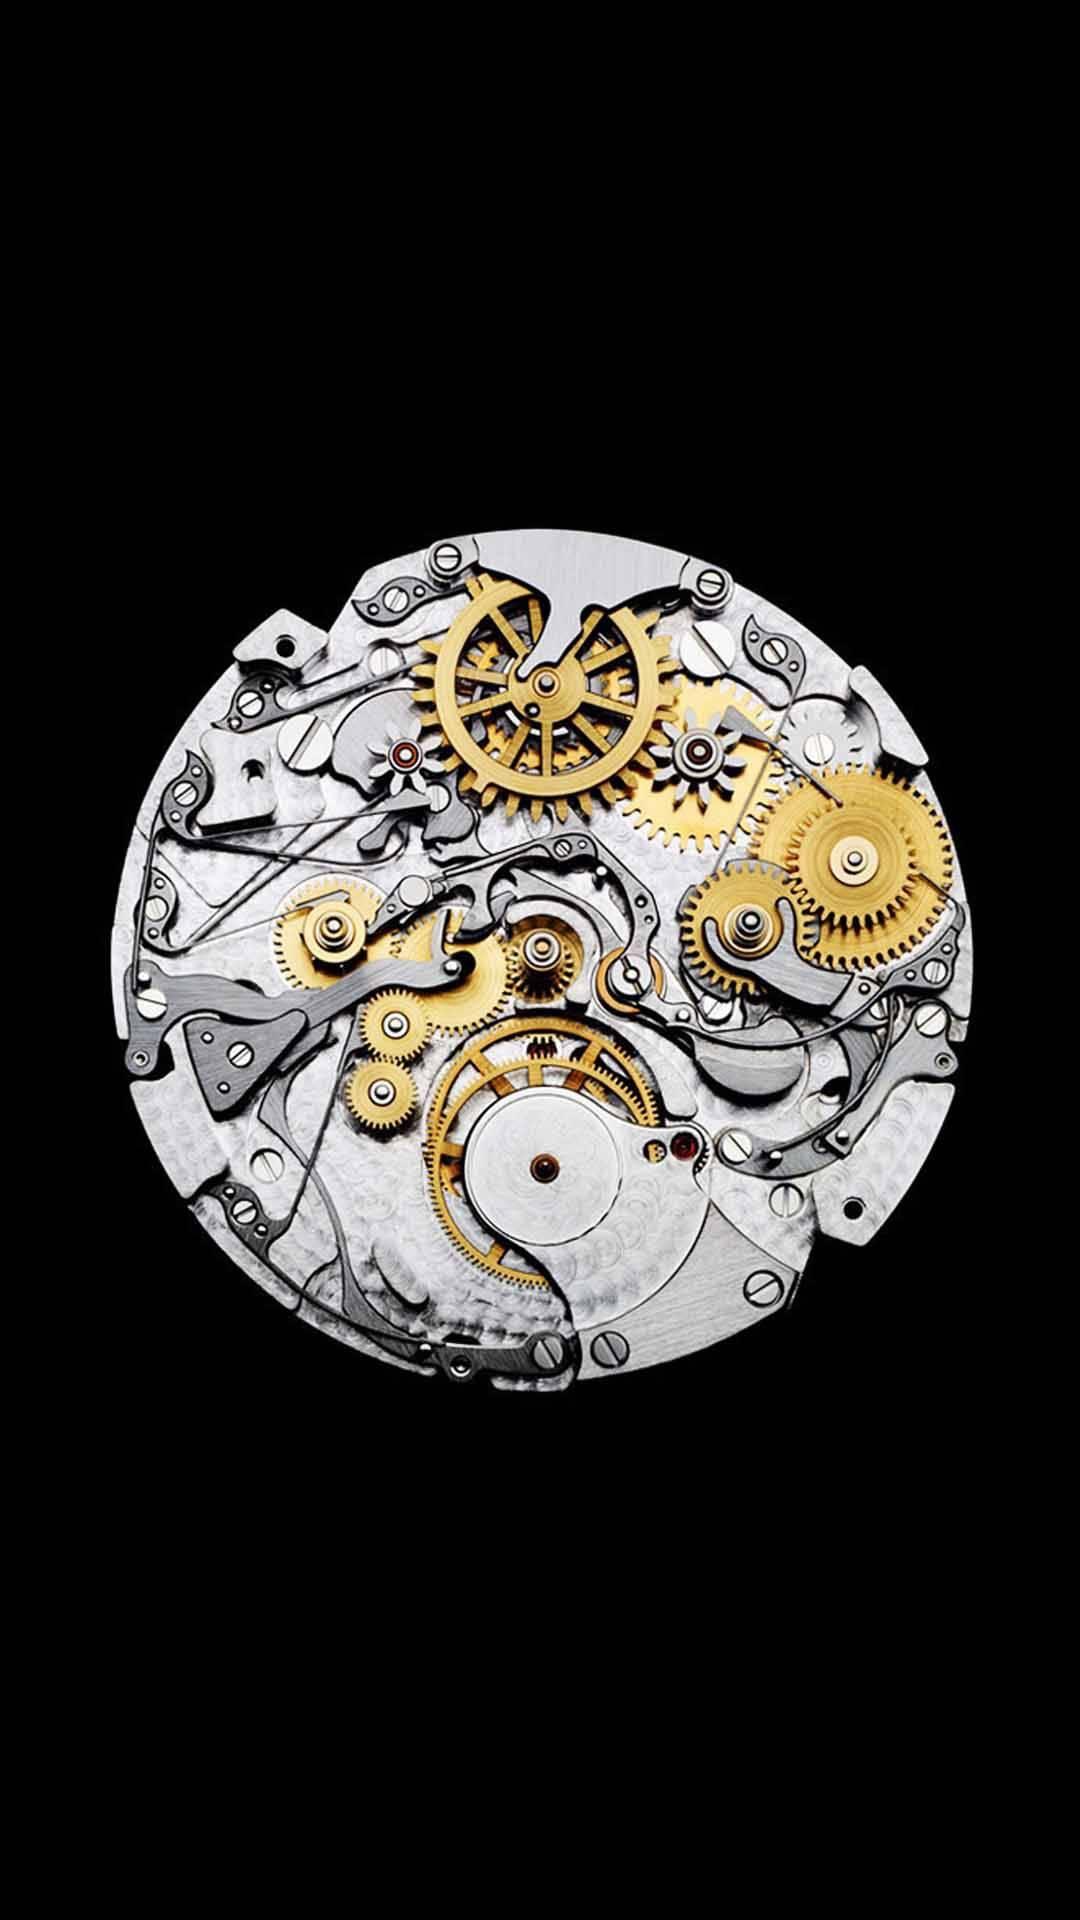 让我们活下去的除了馒头,还有理想 – 你不得不瞅的机械设计之美 - 任刚 · Ren Gang 世界设计 · 设计世界